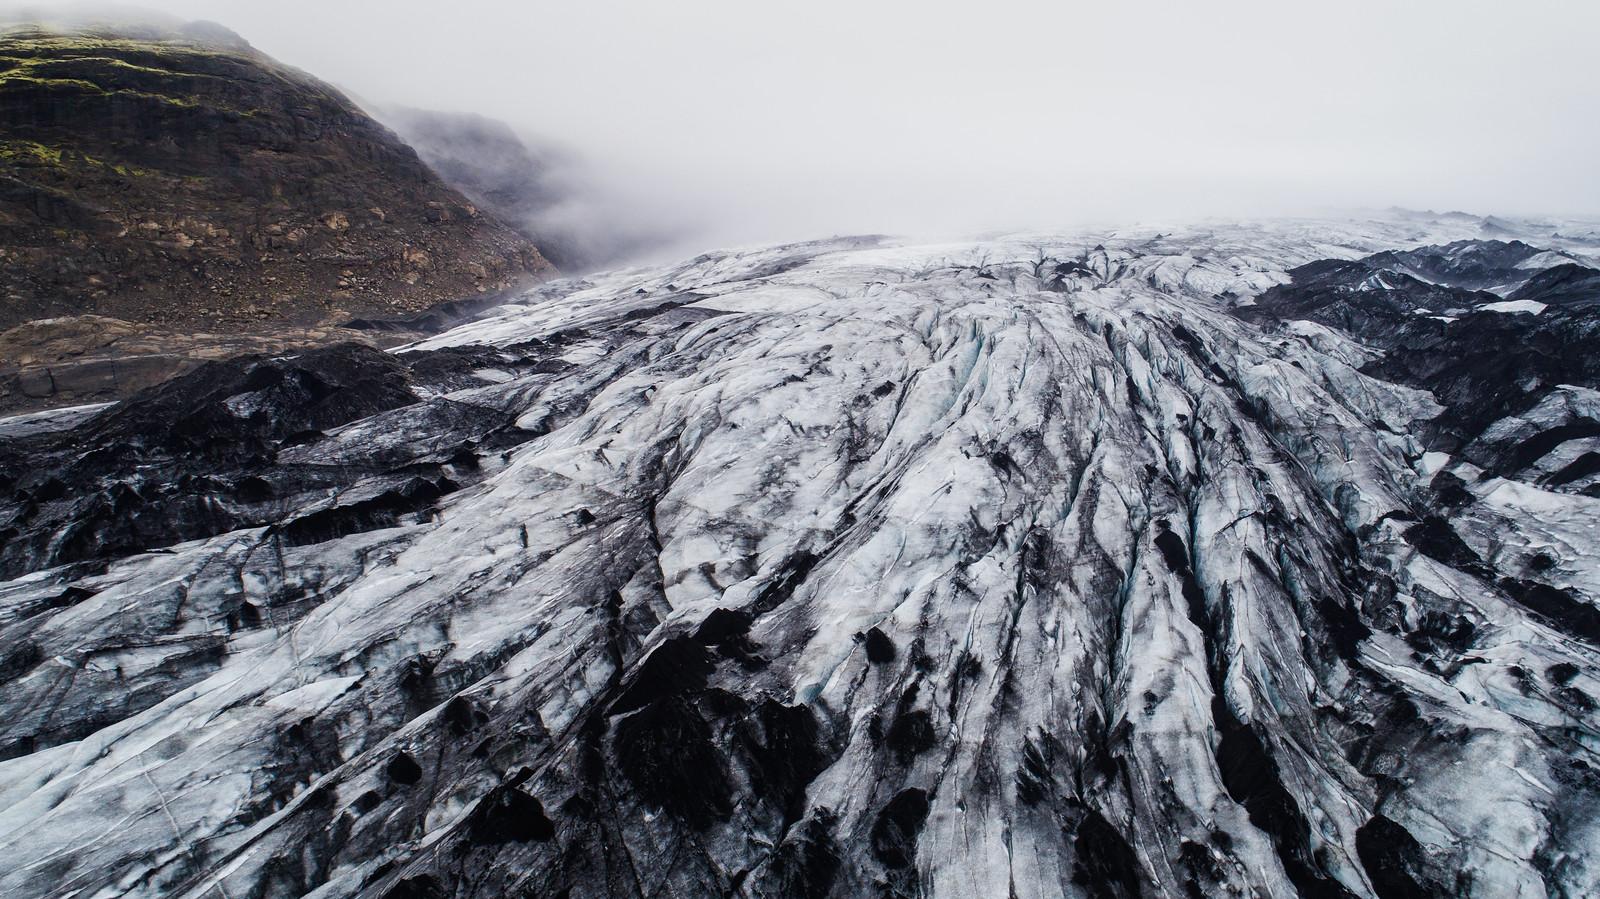 Sólheimajökull #2